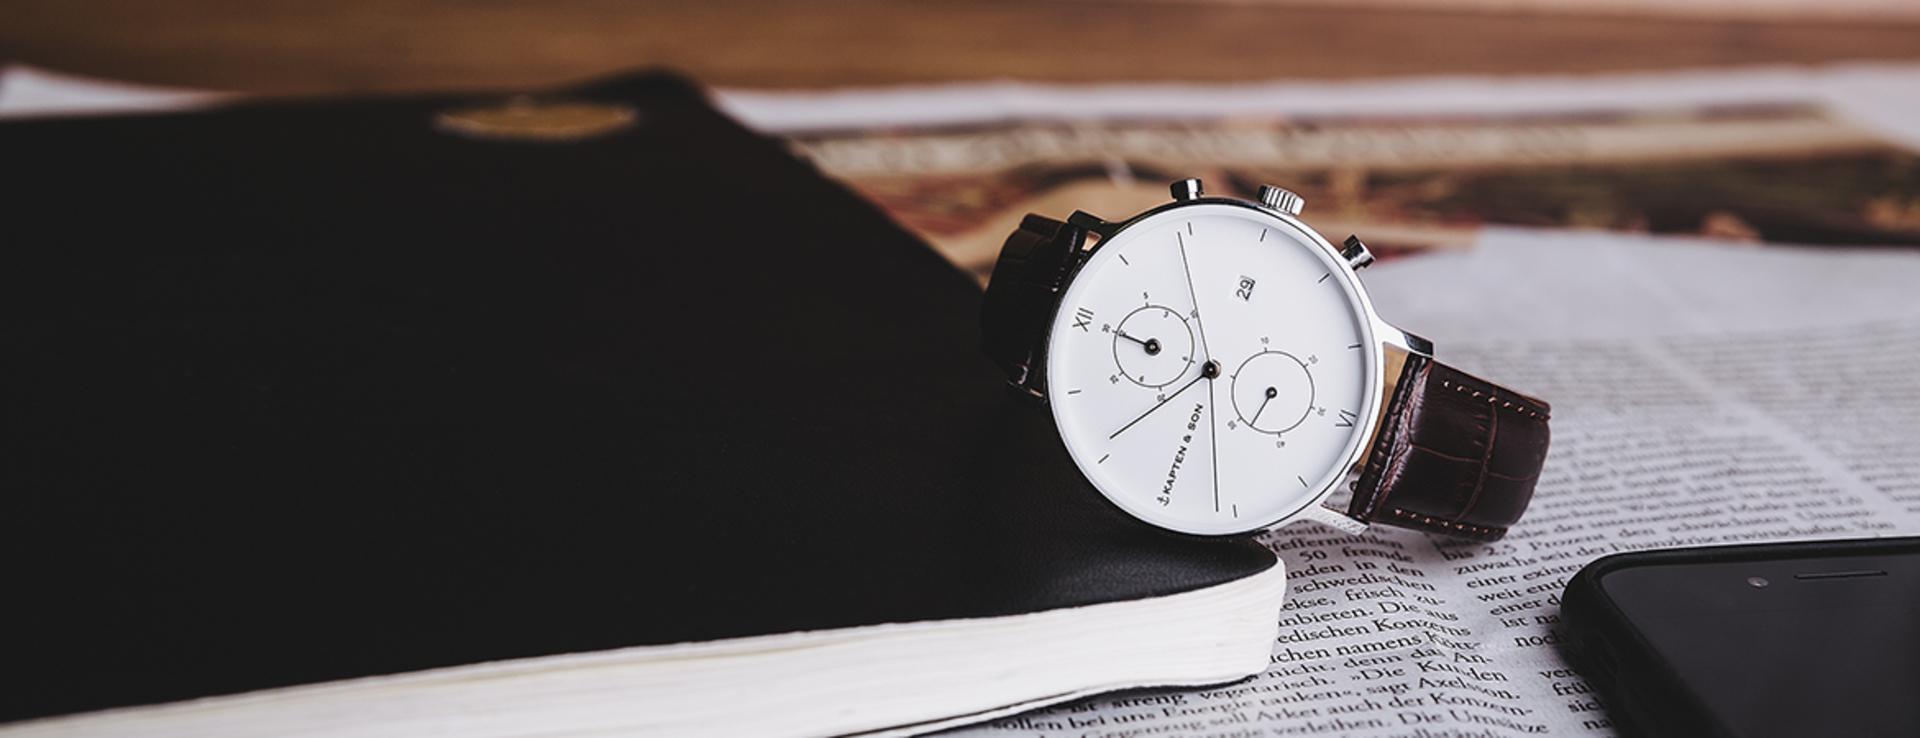 Die stylischen Uhren für Freiheitsliebende und Abenteuer sind ein begehrtes Geschenk zu Weihnachten.